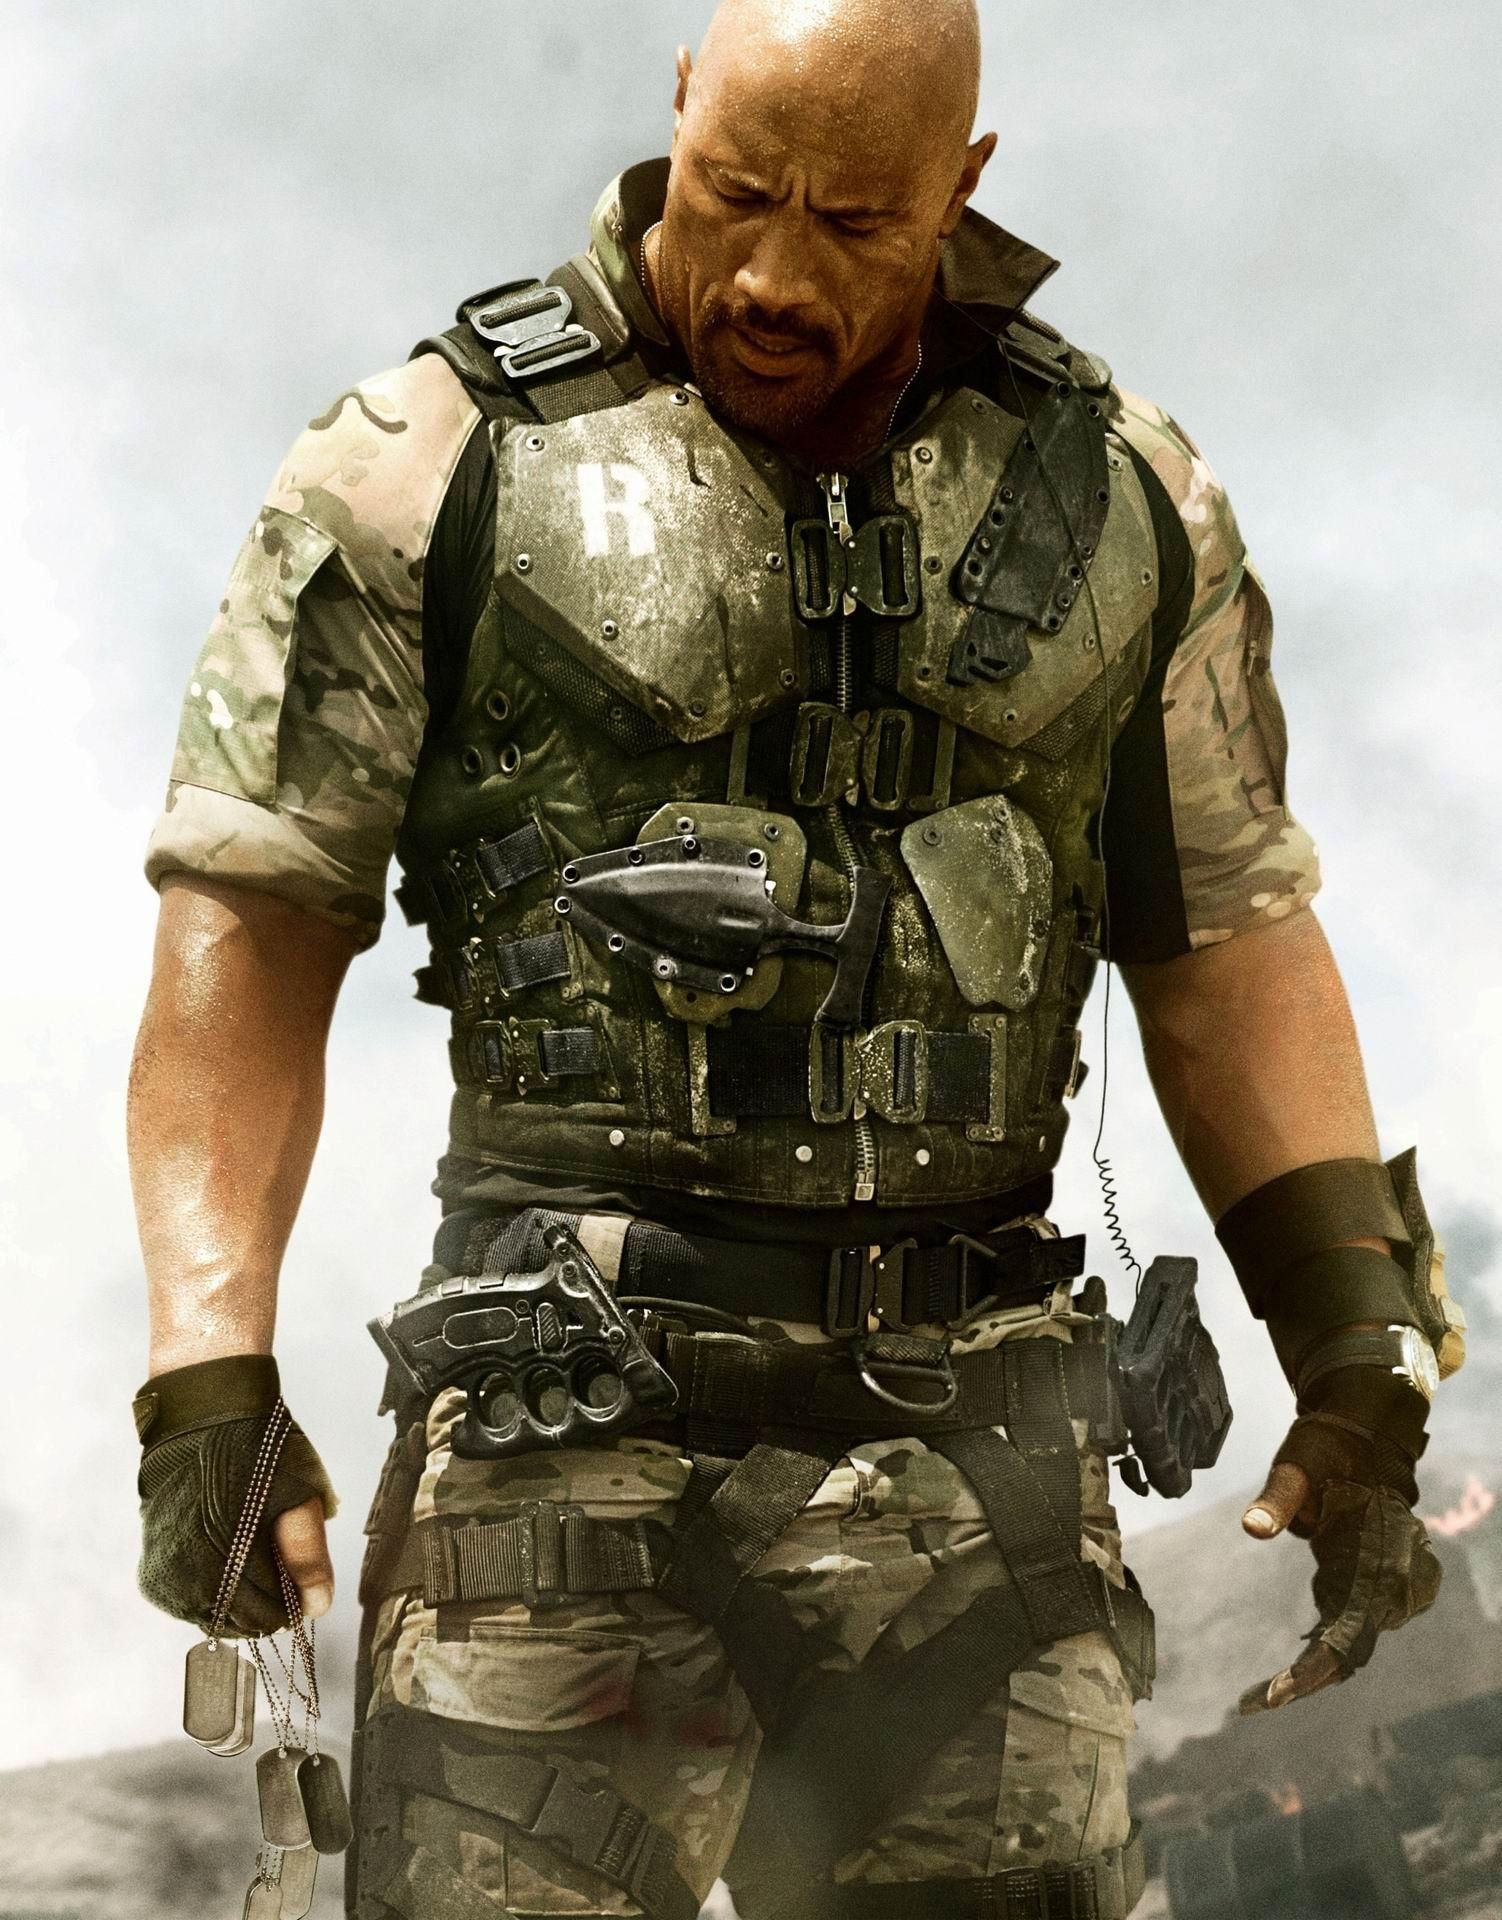 G I Joe Retaliation Movie Promo Con Imagenes Gi Joe Dwayne